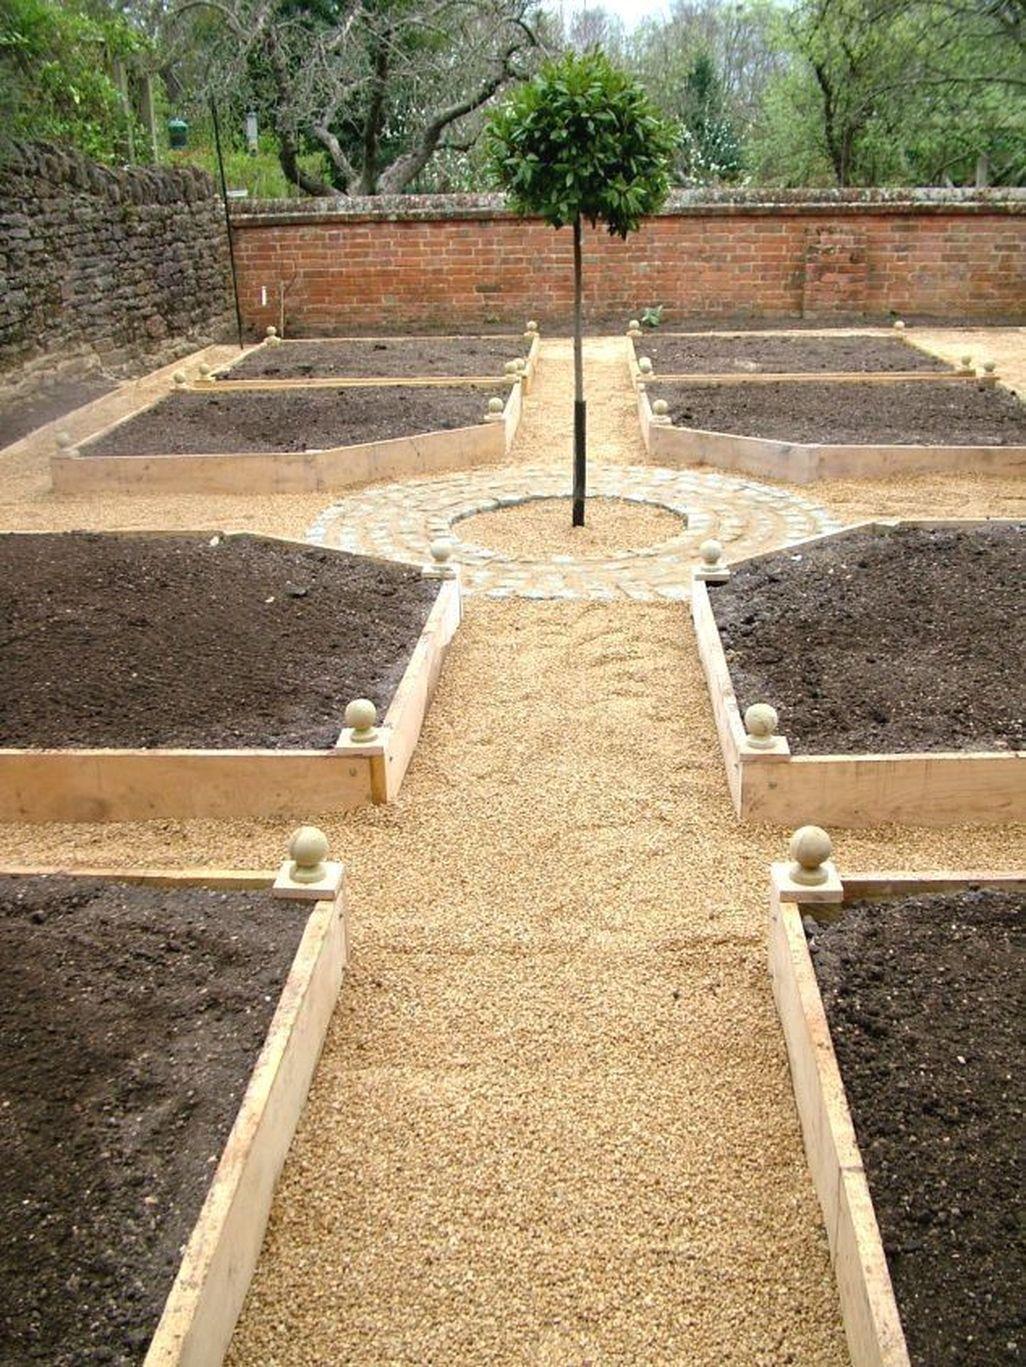 40 Relaxing Vegetable Garden Ideas That Look Great | Garden Projects ...